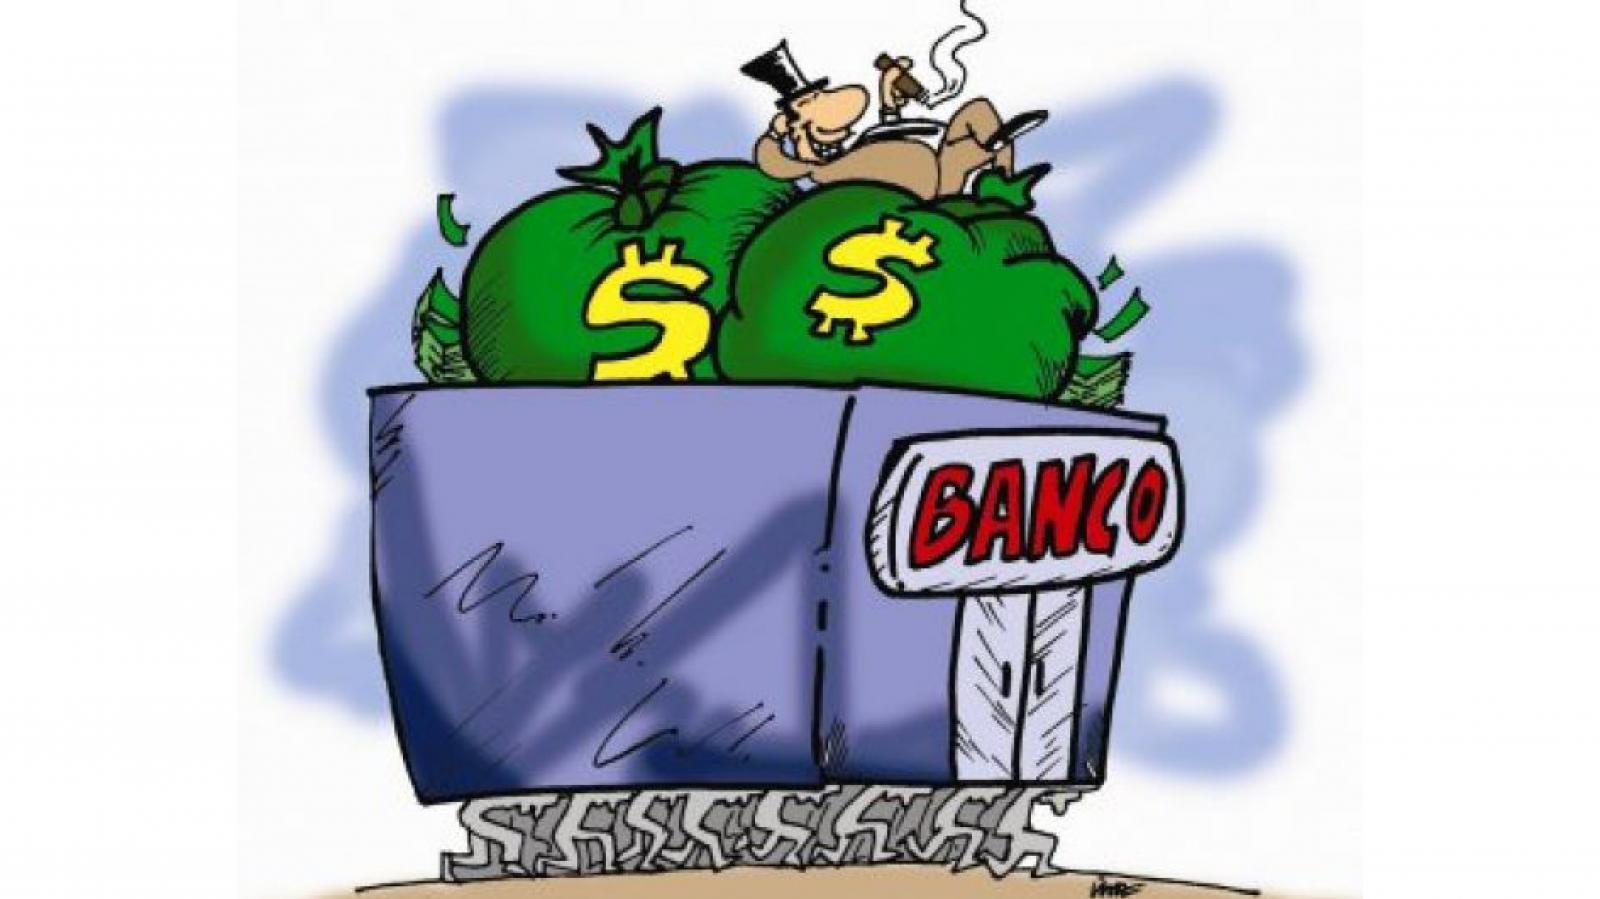 Lucro de 4 bancos cresce 21% e setor segue fora de sintonia com o Brasil